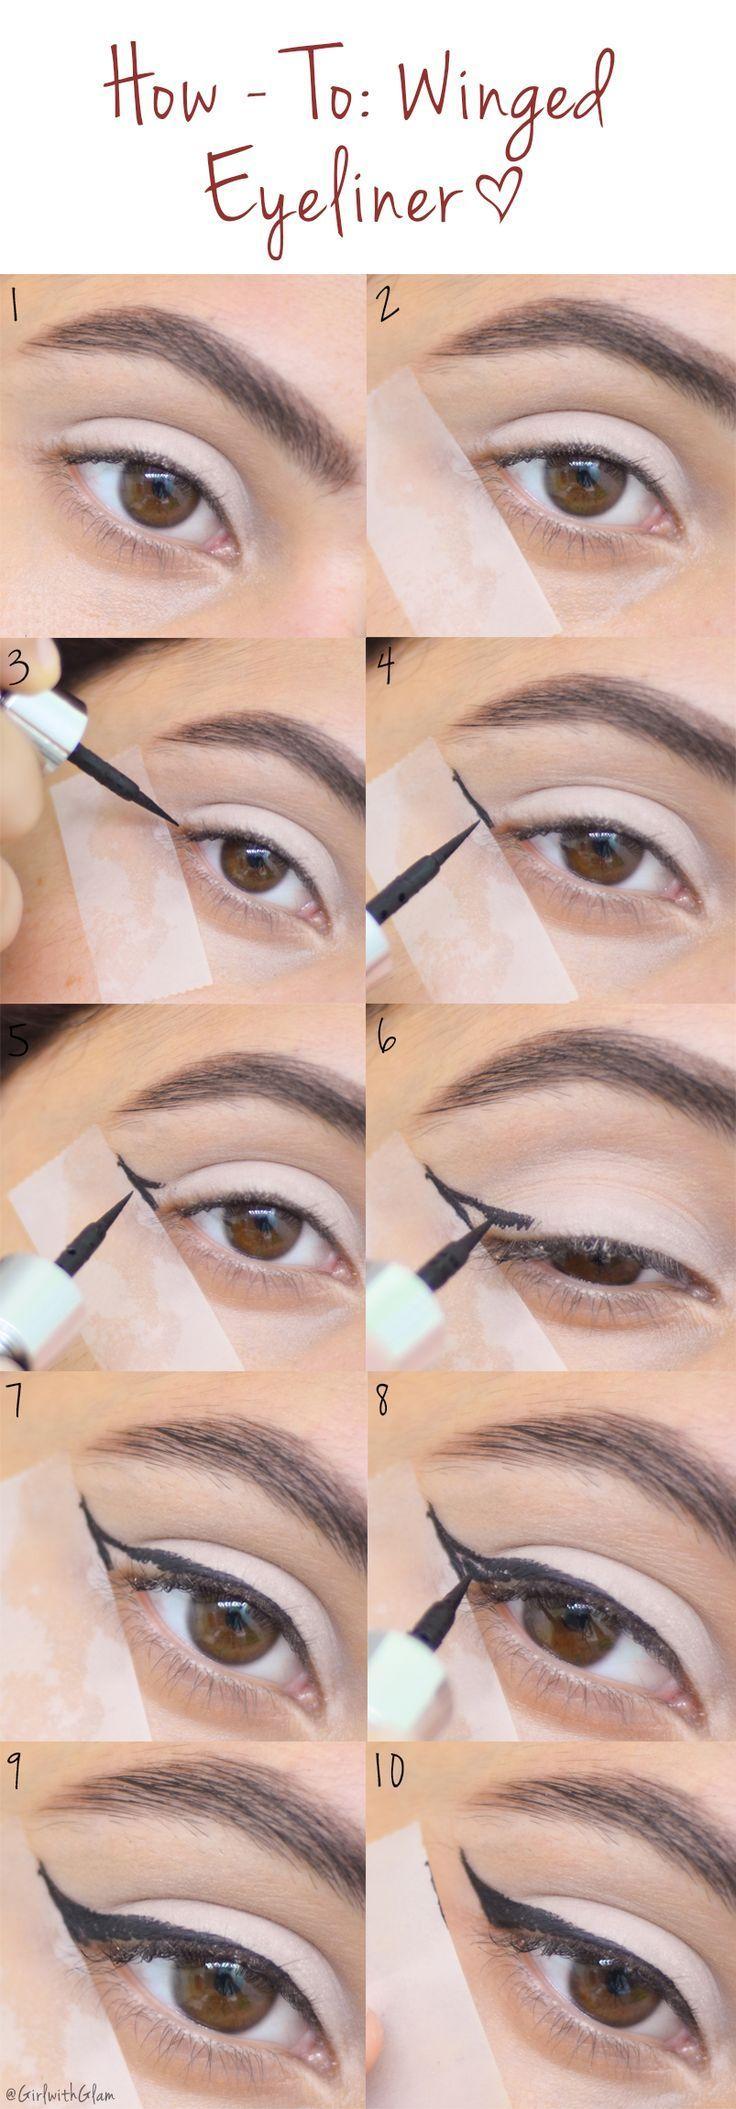 How To: Winged Eyeliner [Tape Method] #eyeliner #howto #tutorial #makeuptutorial #easyeyeliner #wingedliner #makeup #cosmetics An easy how to tutorial on how to do winged eyeliner using the tape method.